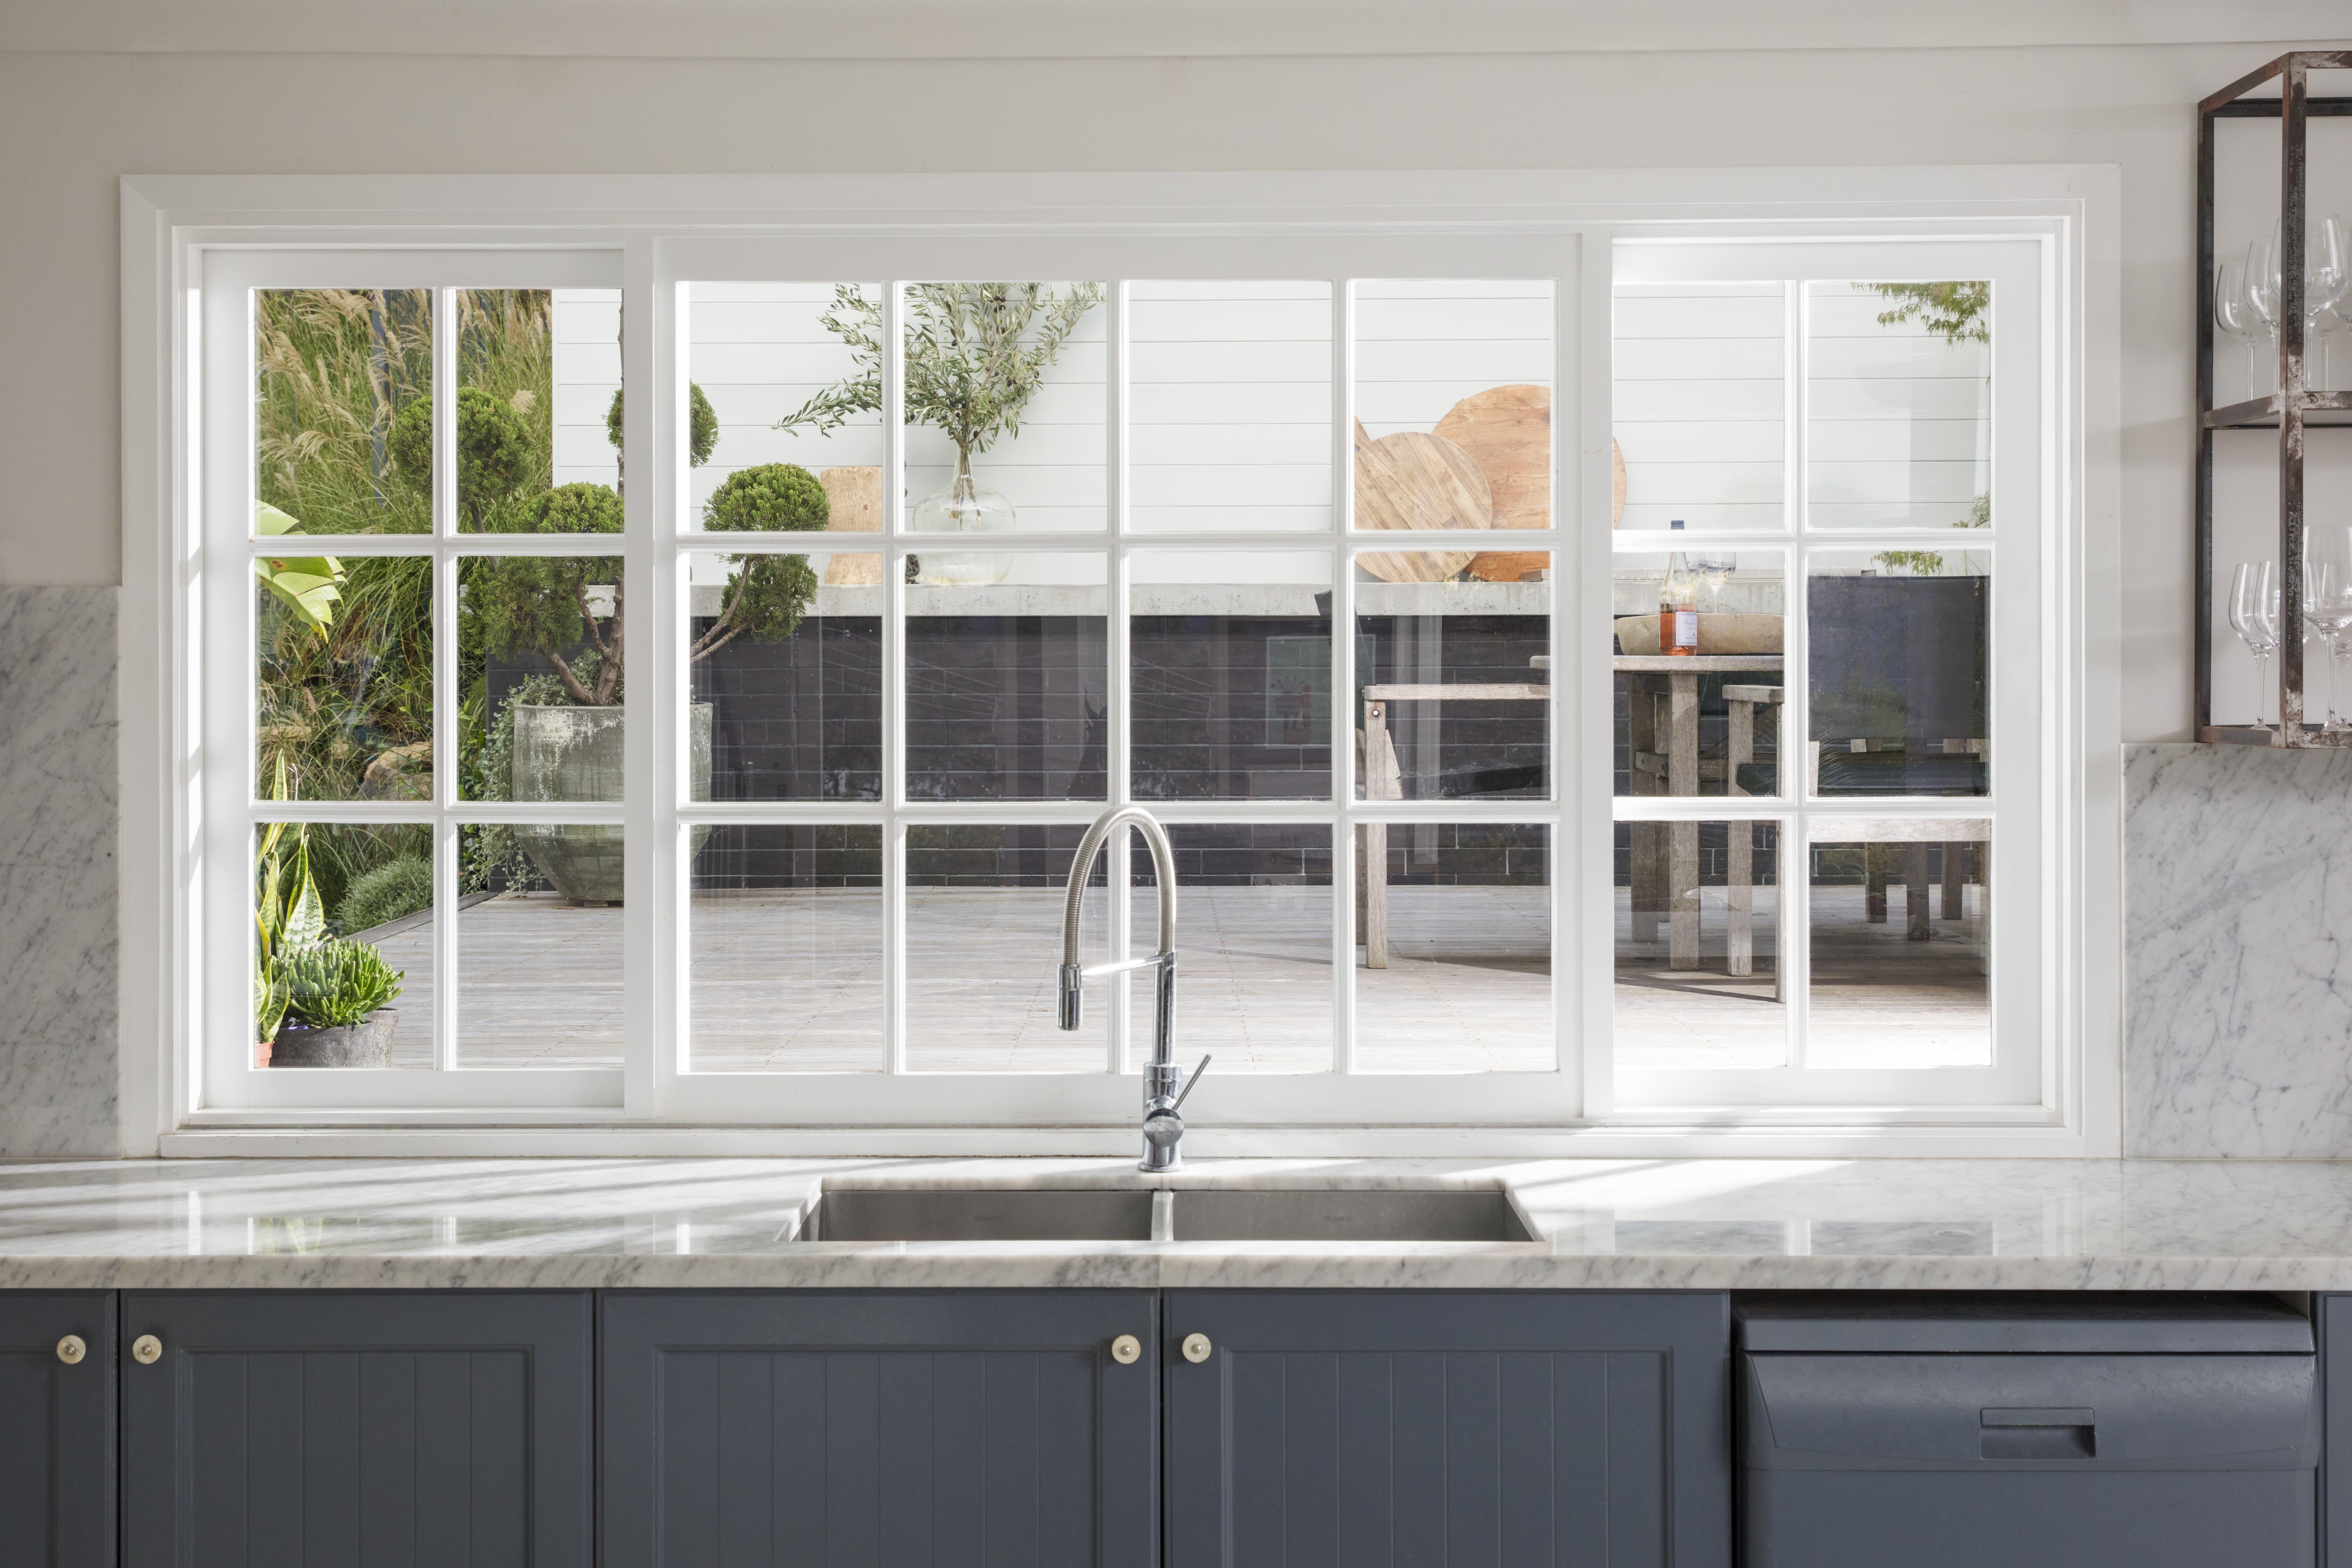 Kitchen basin below white framed windows